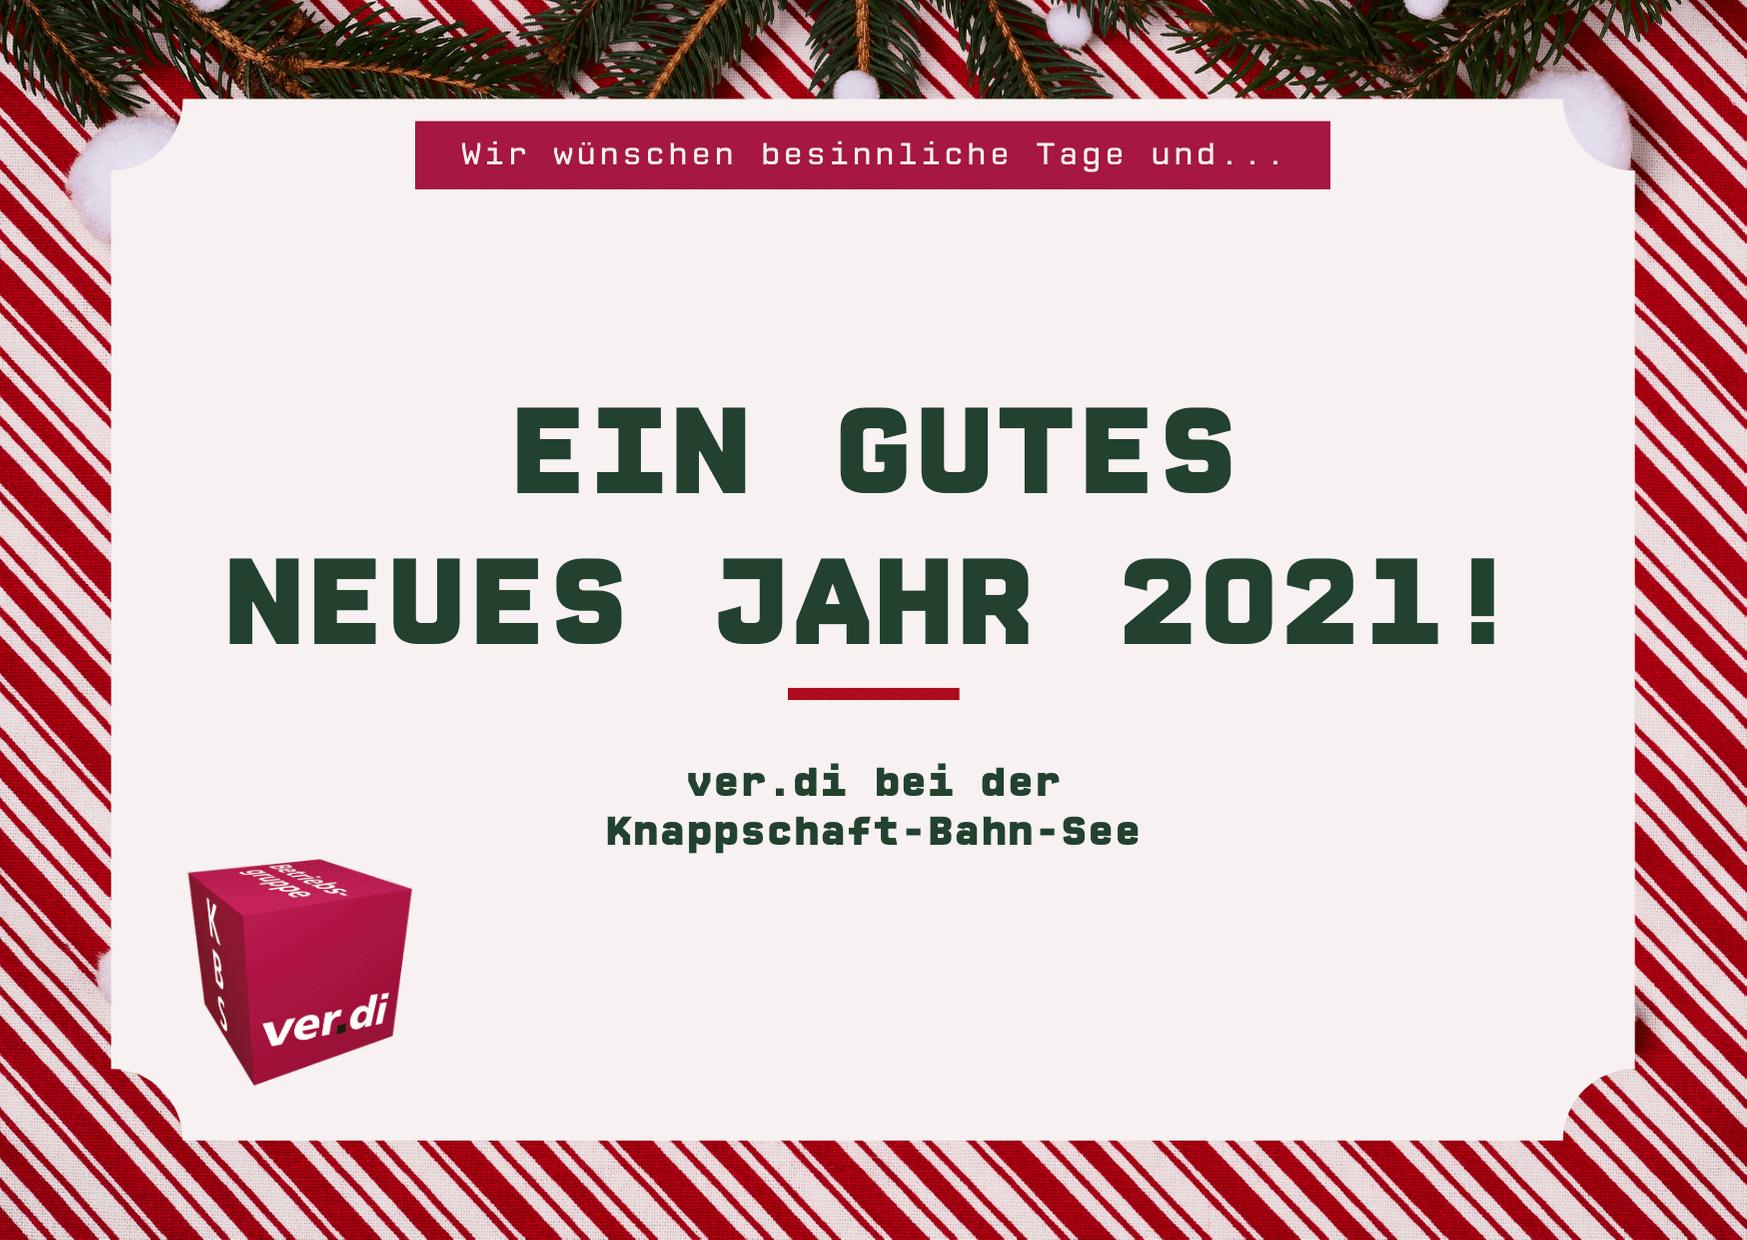 Wir wünschen besinnliche Tage und ein gutes neues Jahr 2021!